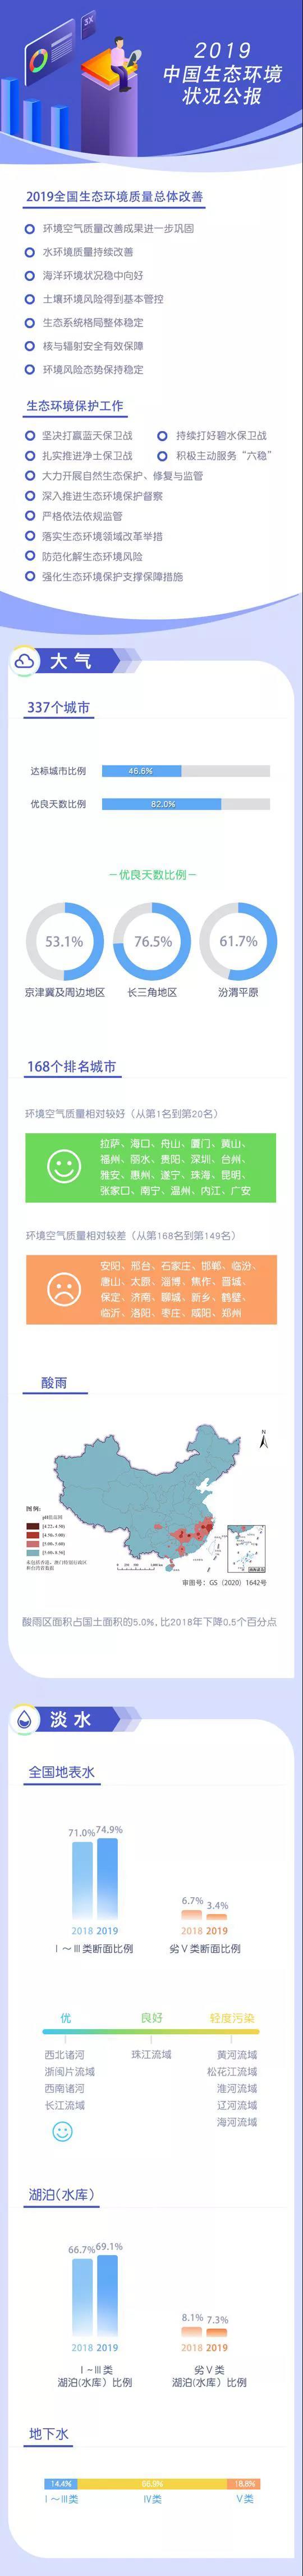 一图读懂《2019中国生态环境状况公报》图片